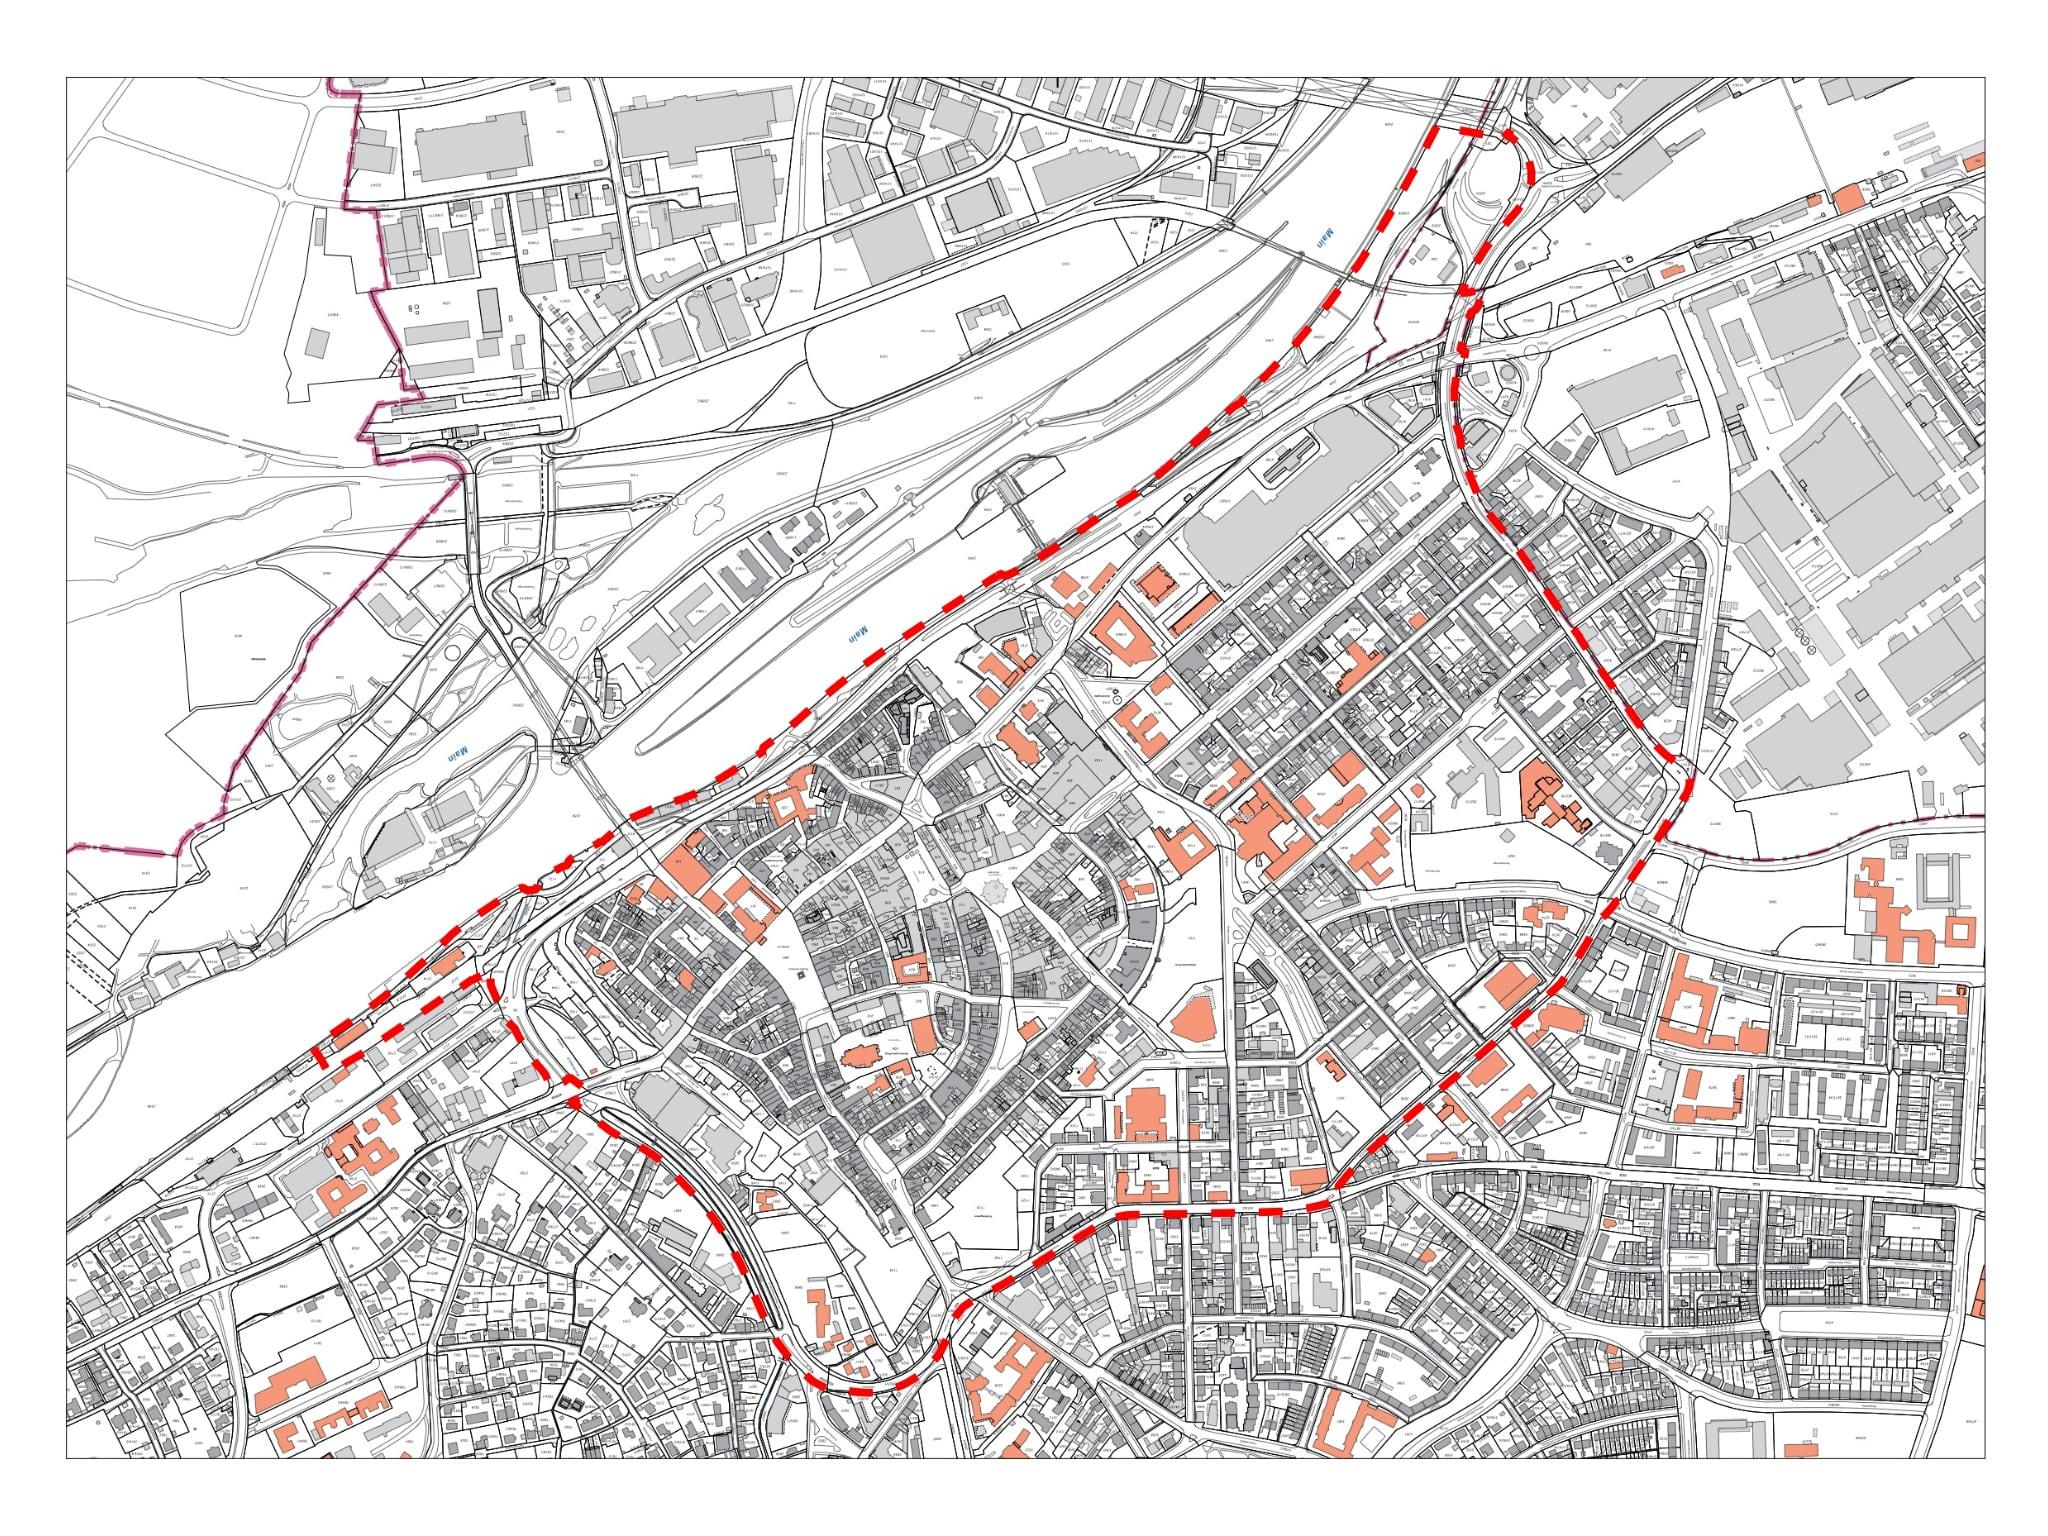 Der Lageplan stellt den Bereich dar, in dem ab 23. Januar ein ganztägiges Alkoholverbot gilt. Grafik: Stadt Schweinfurt